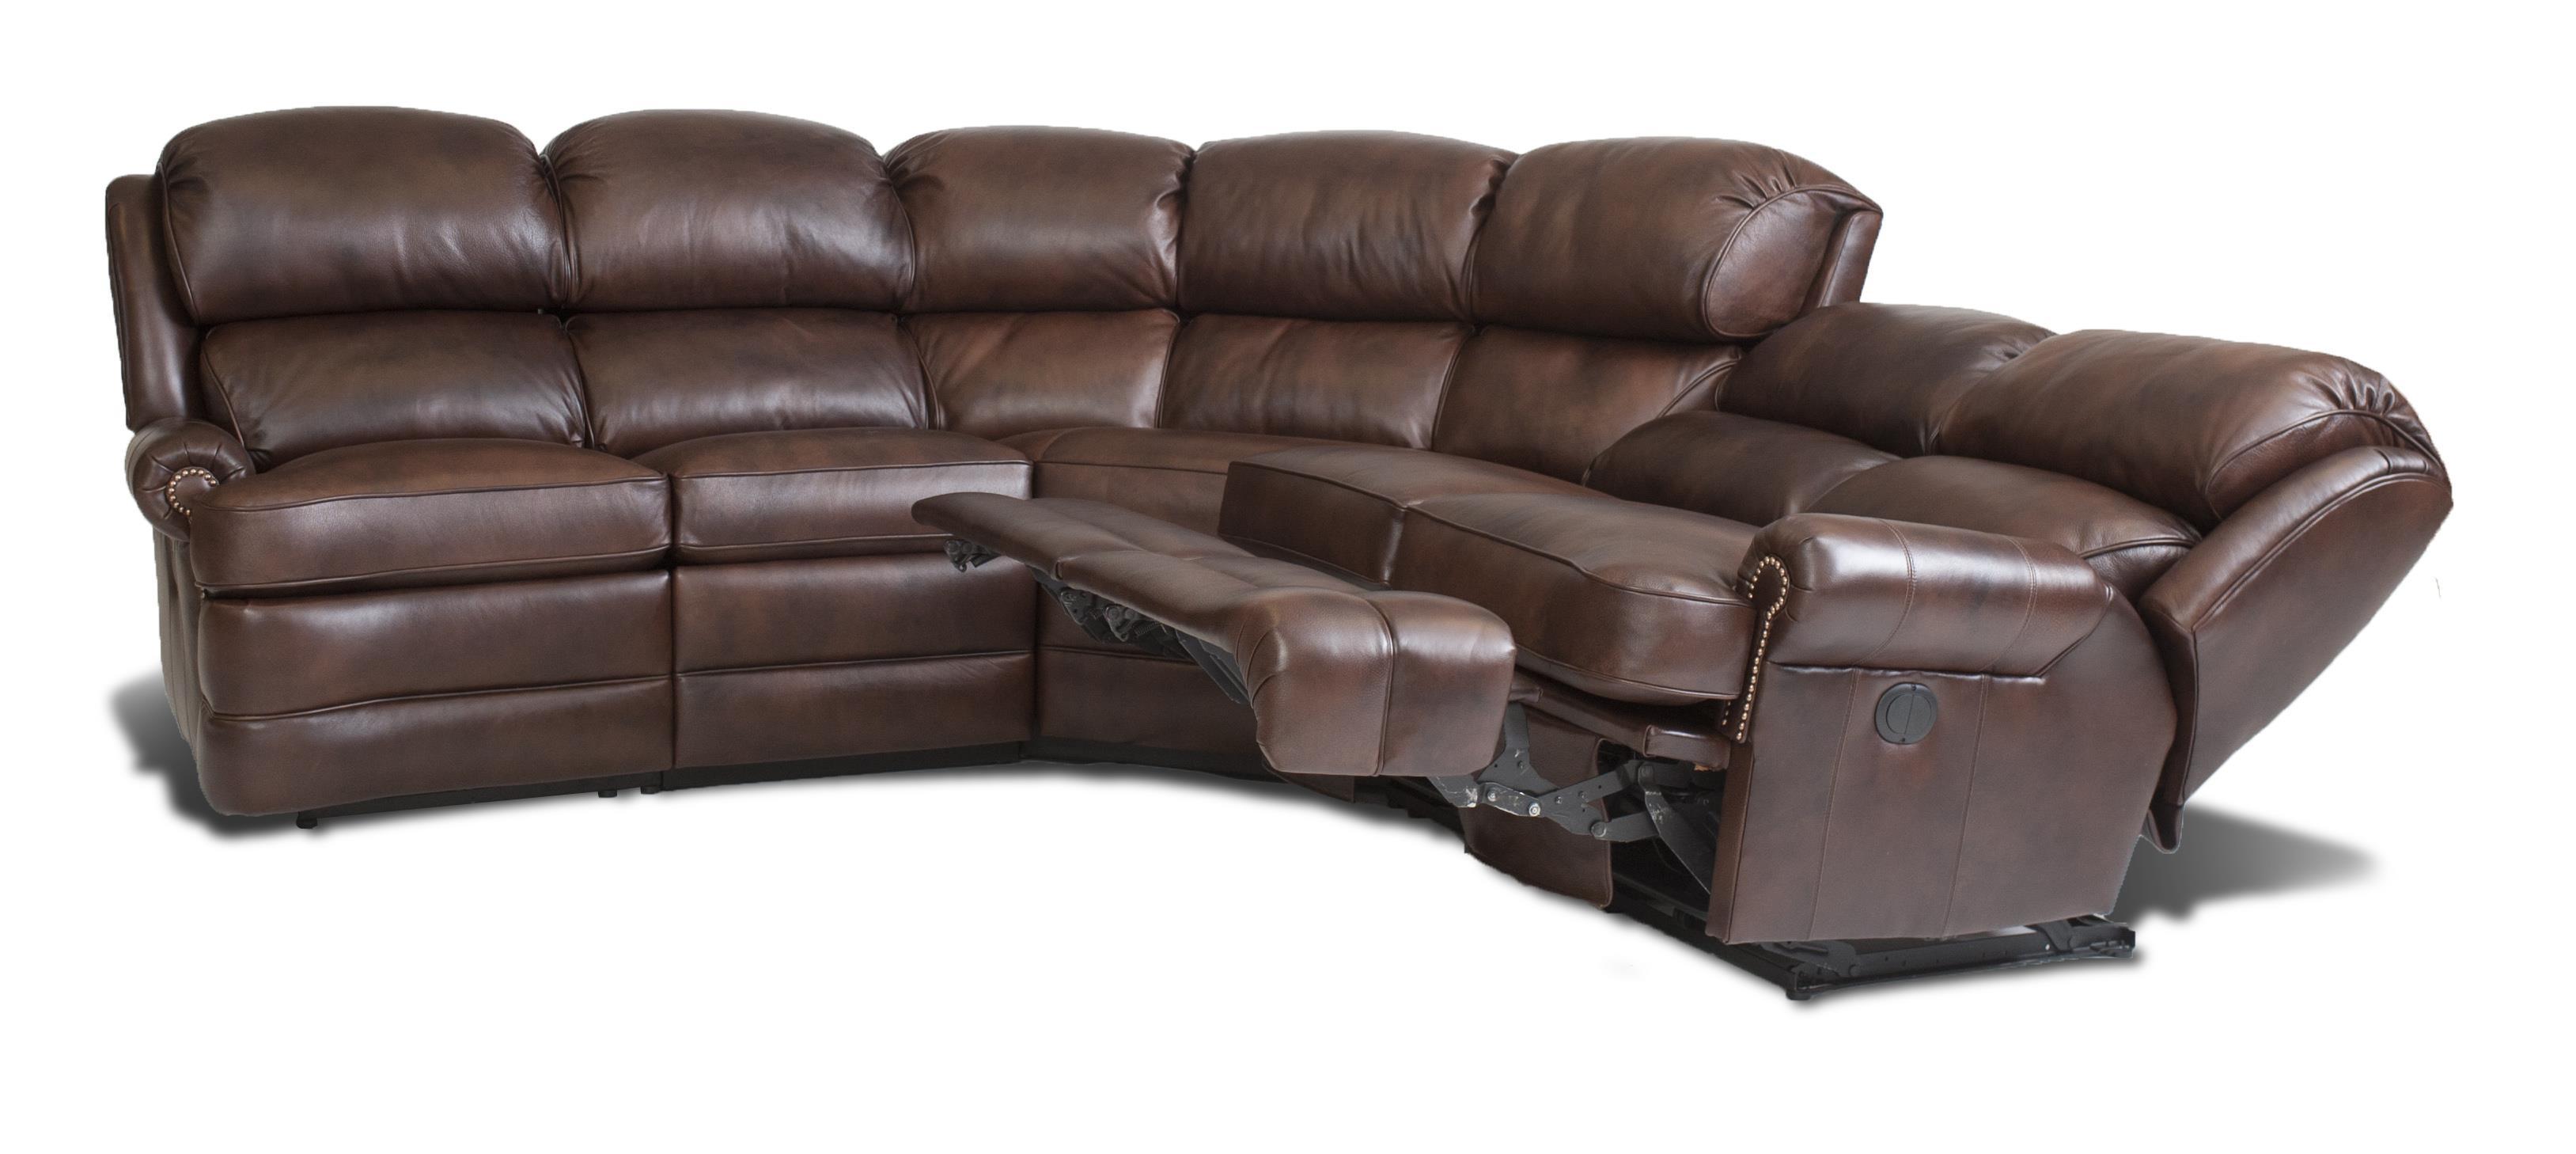 Sectional Sofa York Pa